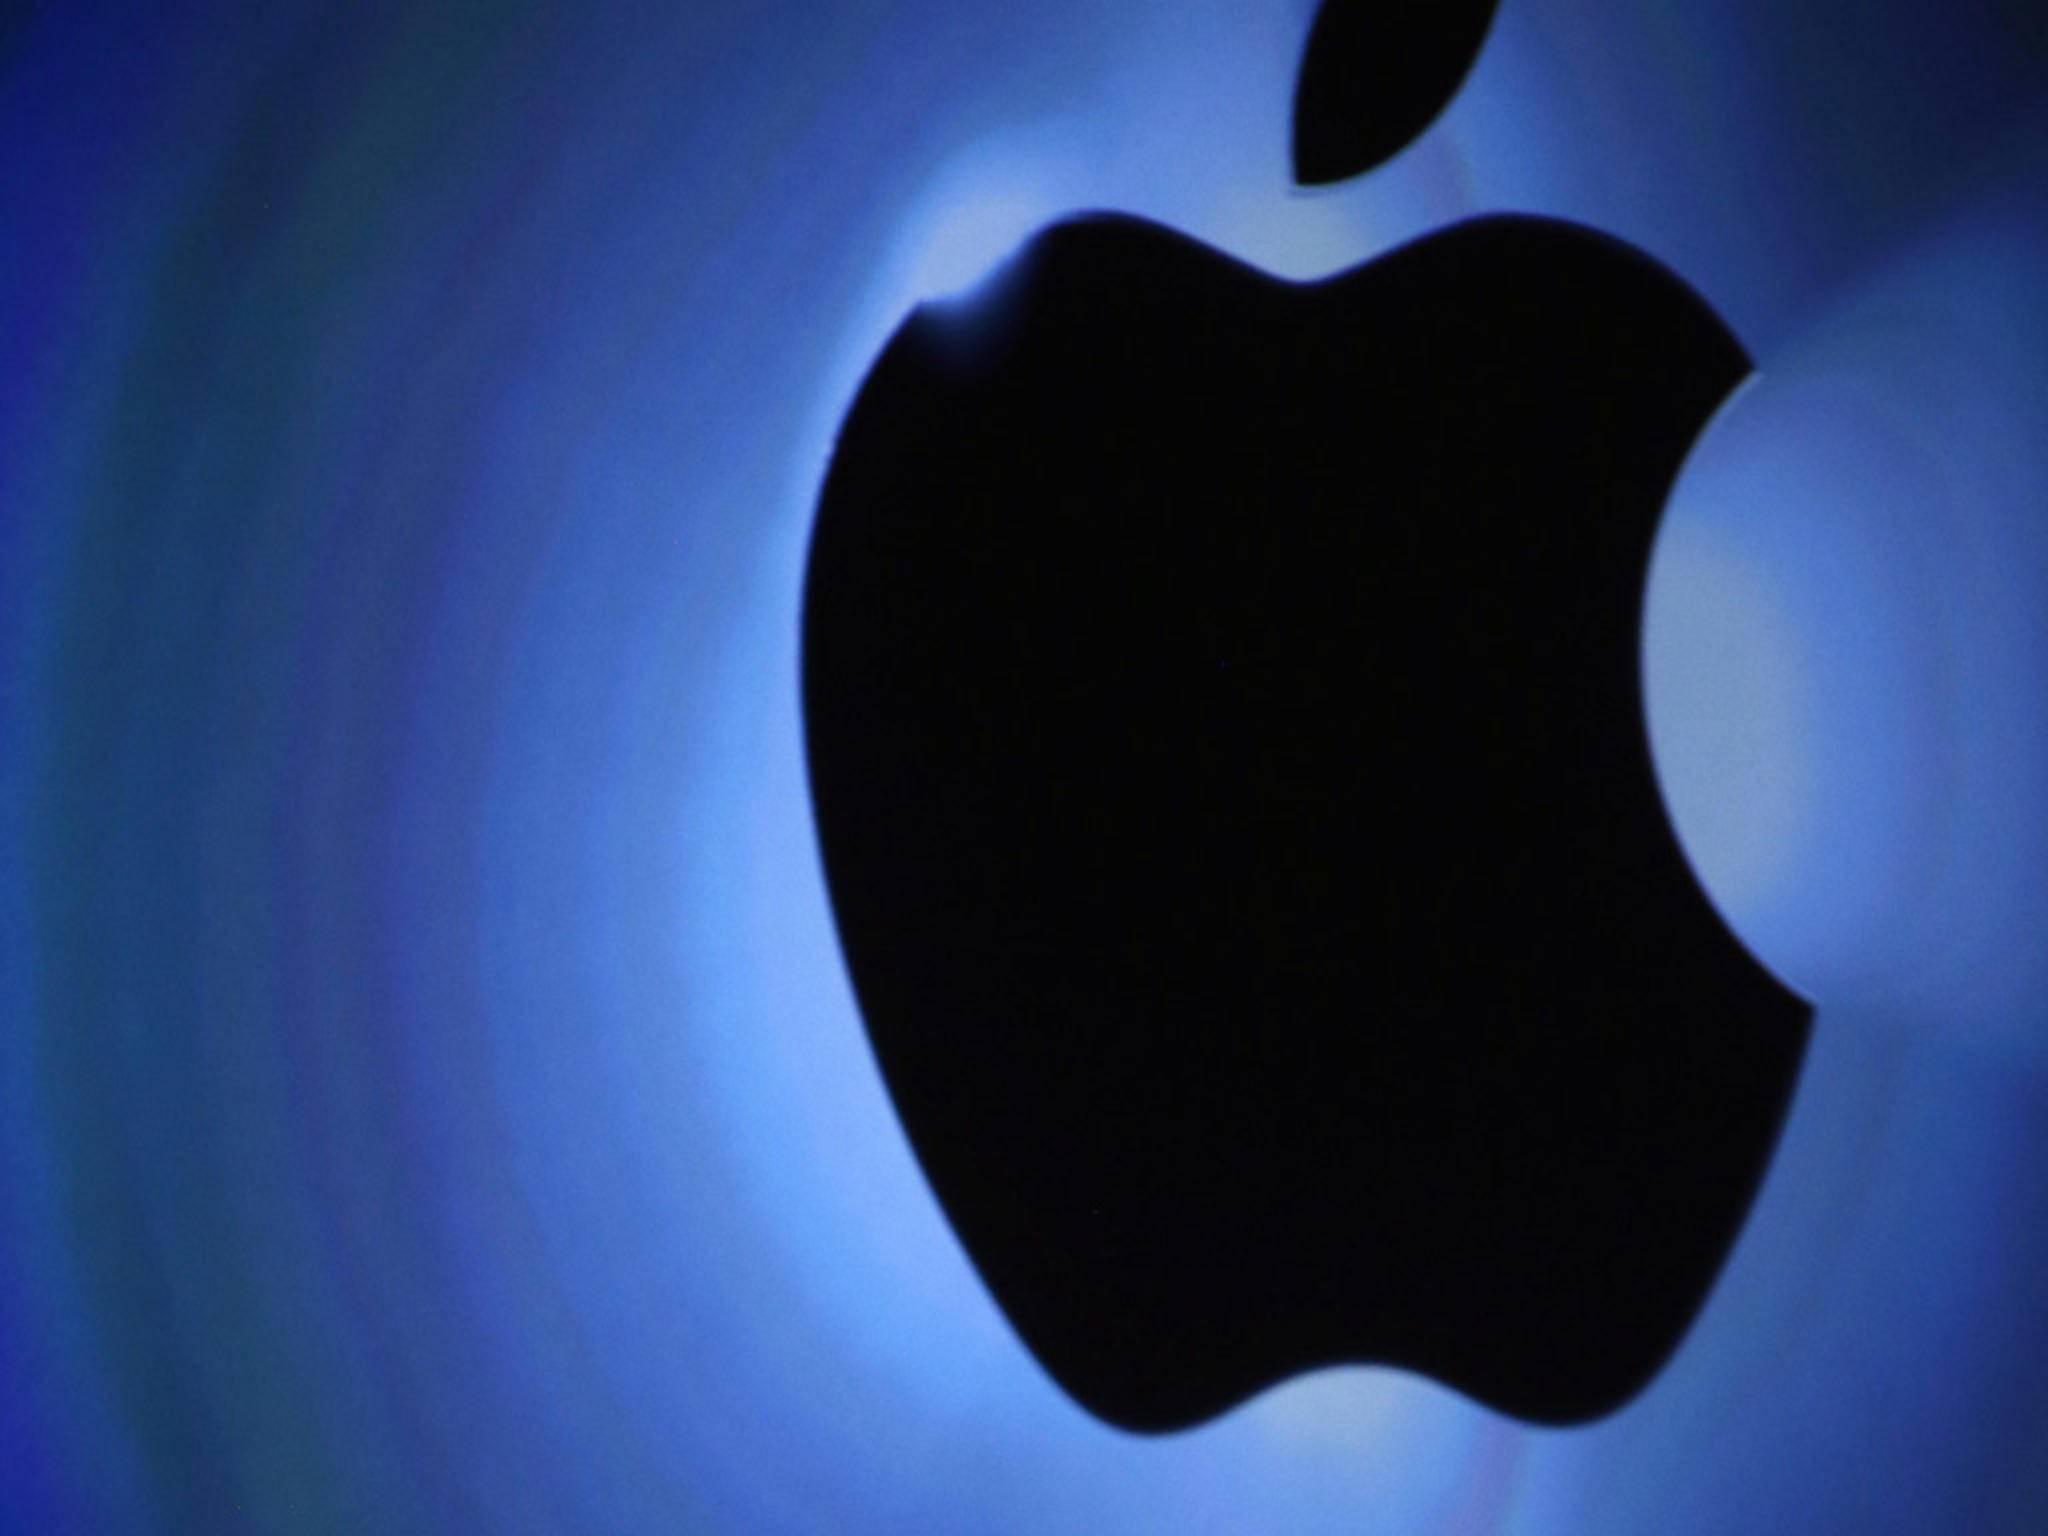 Apple dreht eine TV-Serie. Aber es wird wohl ziemlich langweilig werden.